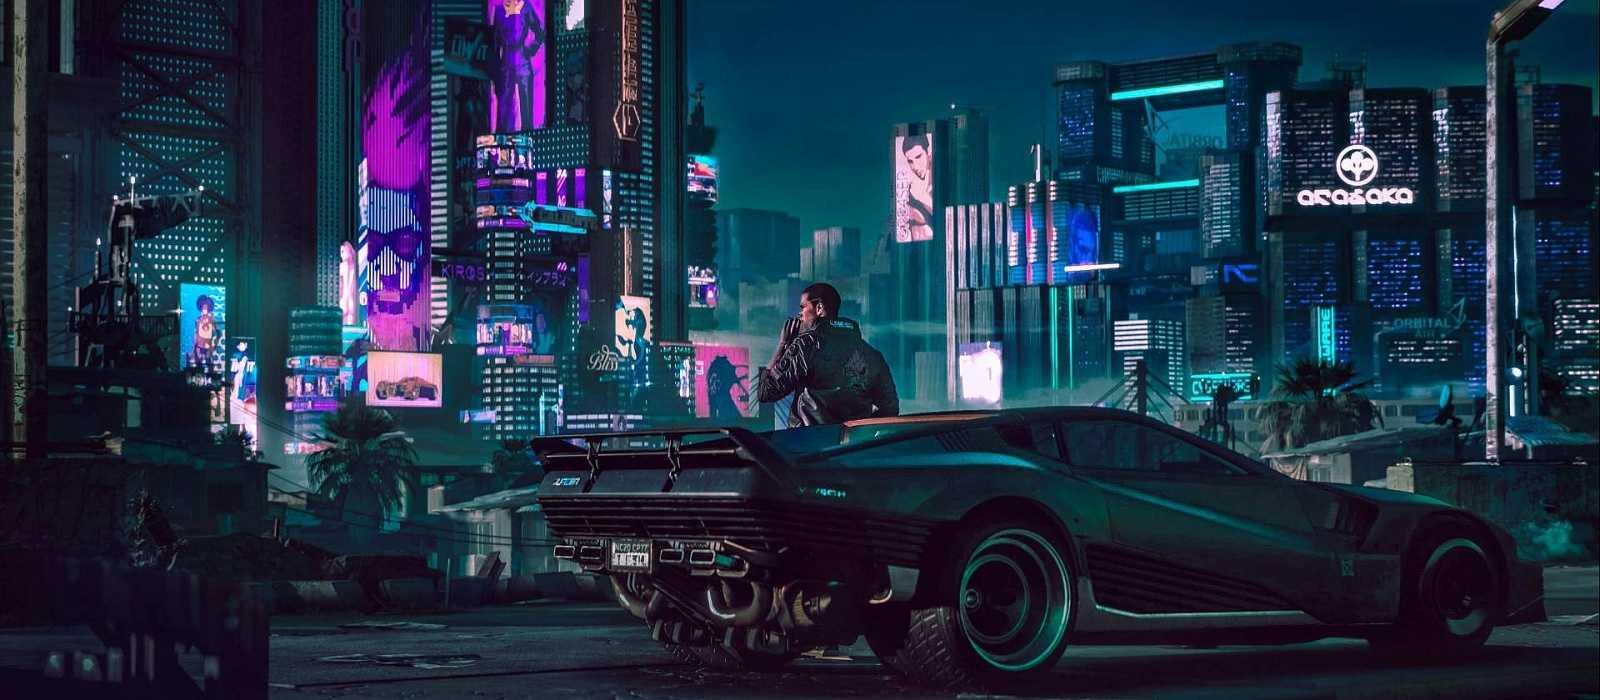 Cyberpunk 2077 hat Werbung in der Innenstadt von New York - es hat Millionen ausgegeben